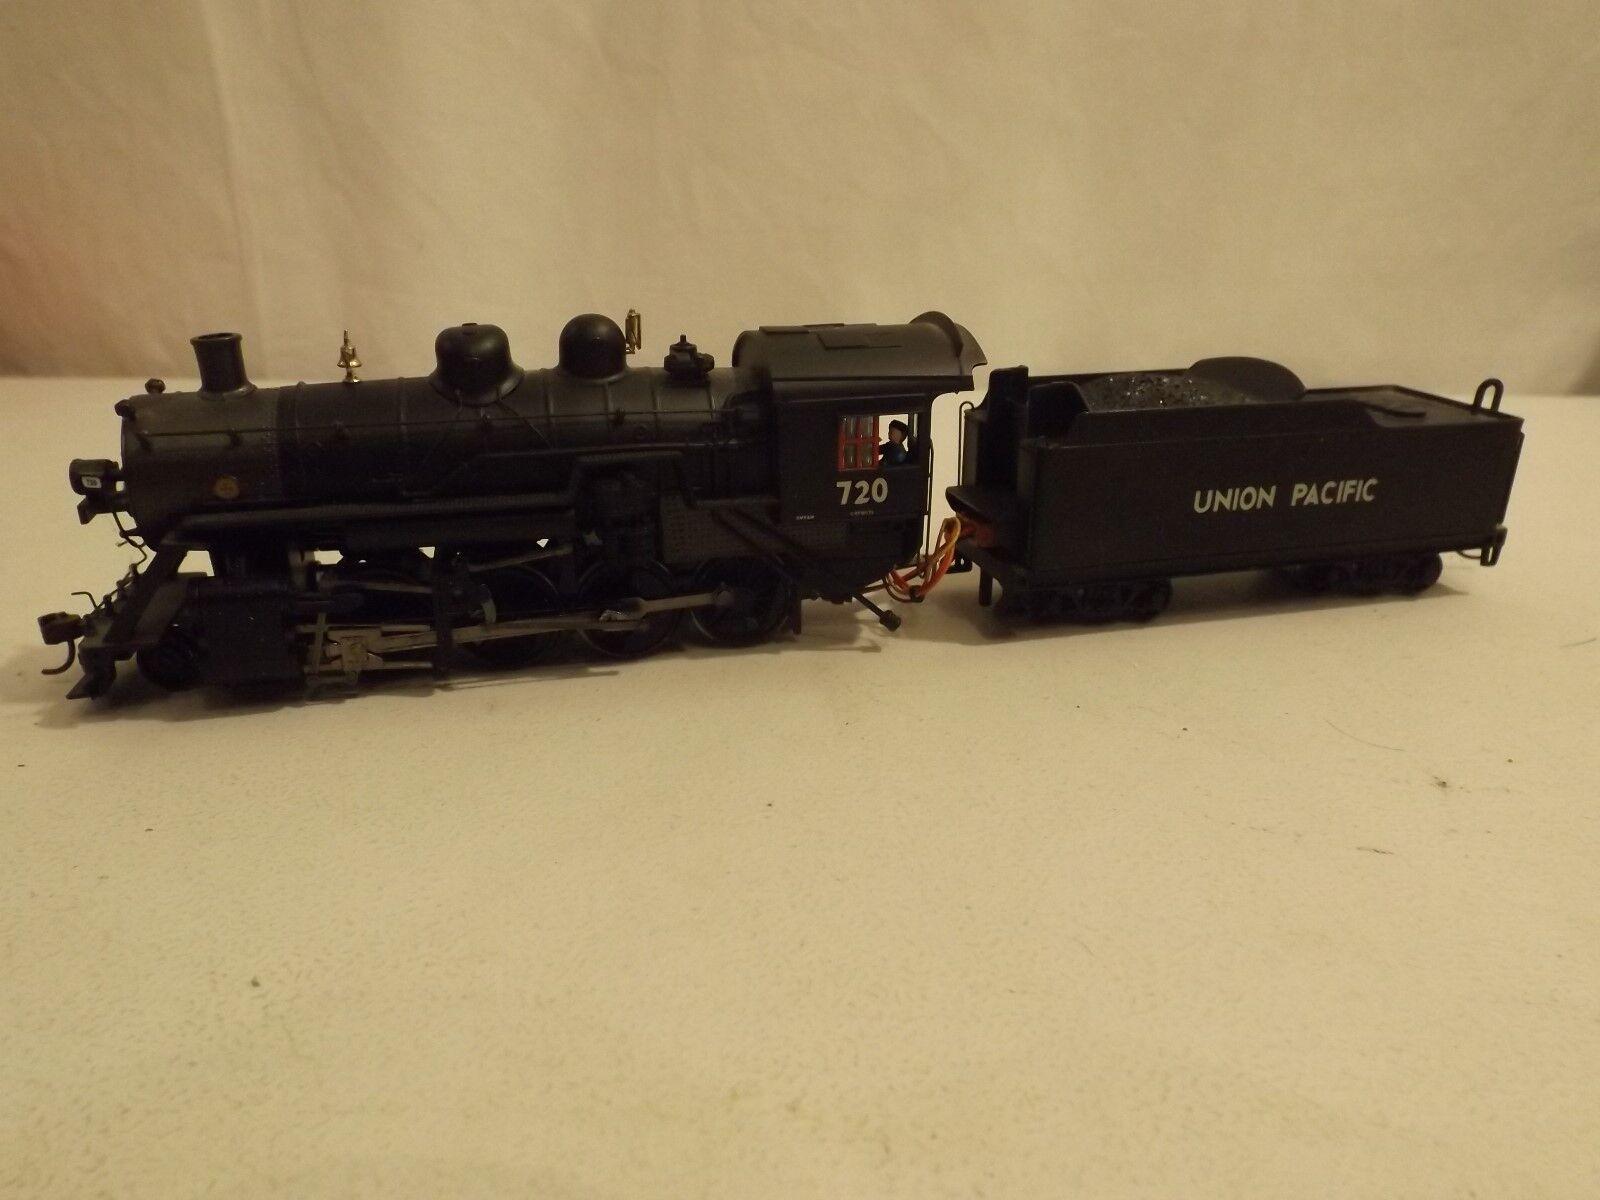 Espectro de consolidación de Unión Pacific 2-8-0 HO Locomotora de vapor en Caja Original